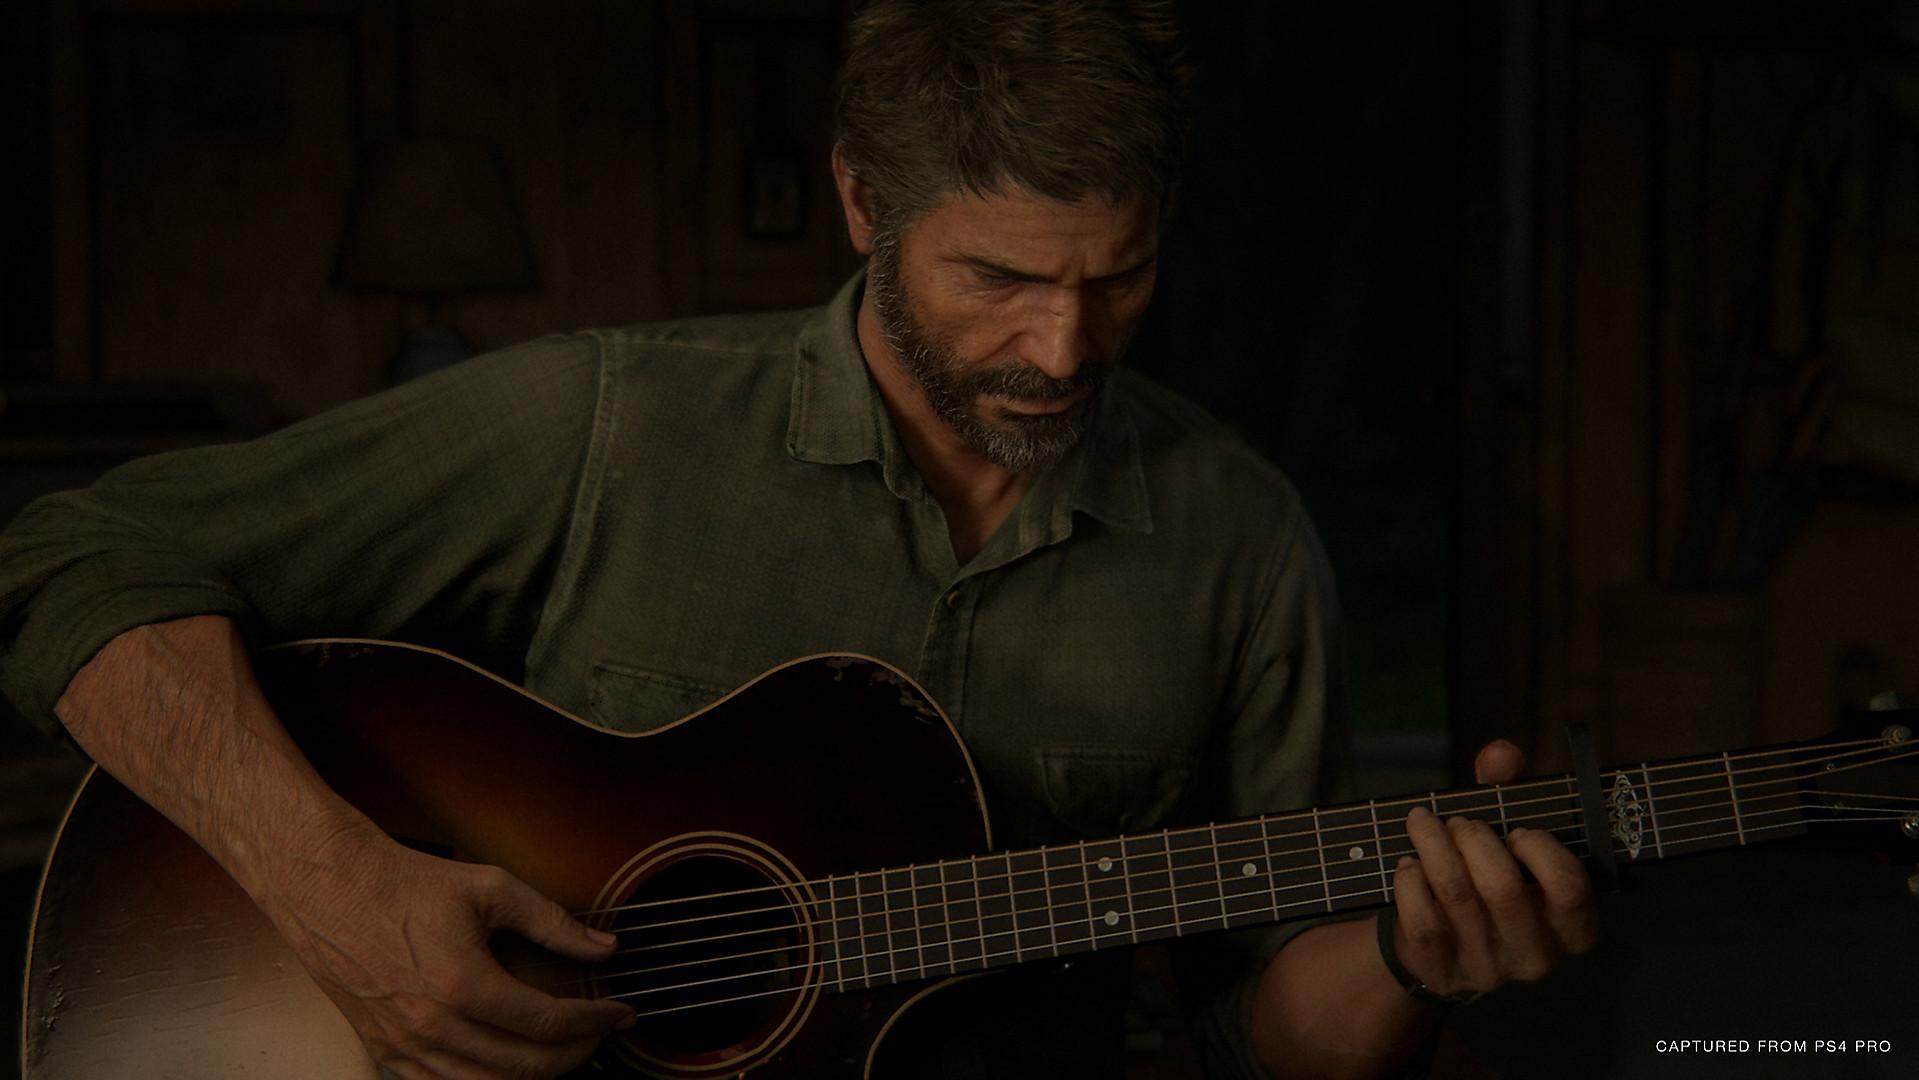 در The Last of Us: Part II امکان از دست دادن تمام مبارزات و سکانسهای اسکریپت شده وجود دارد